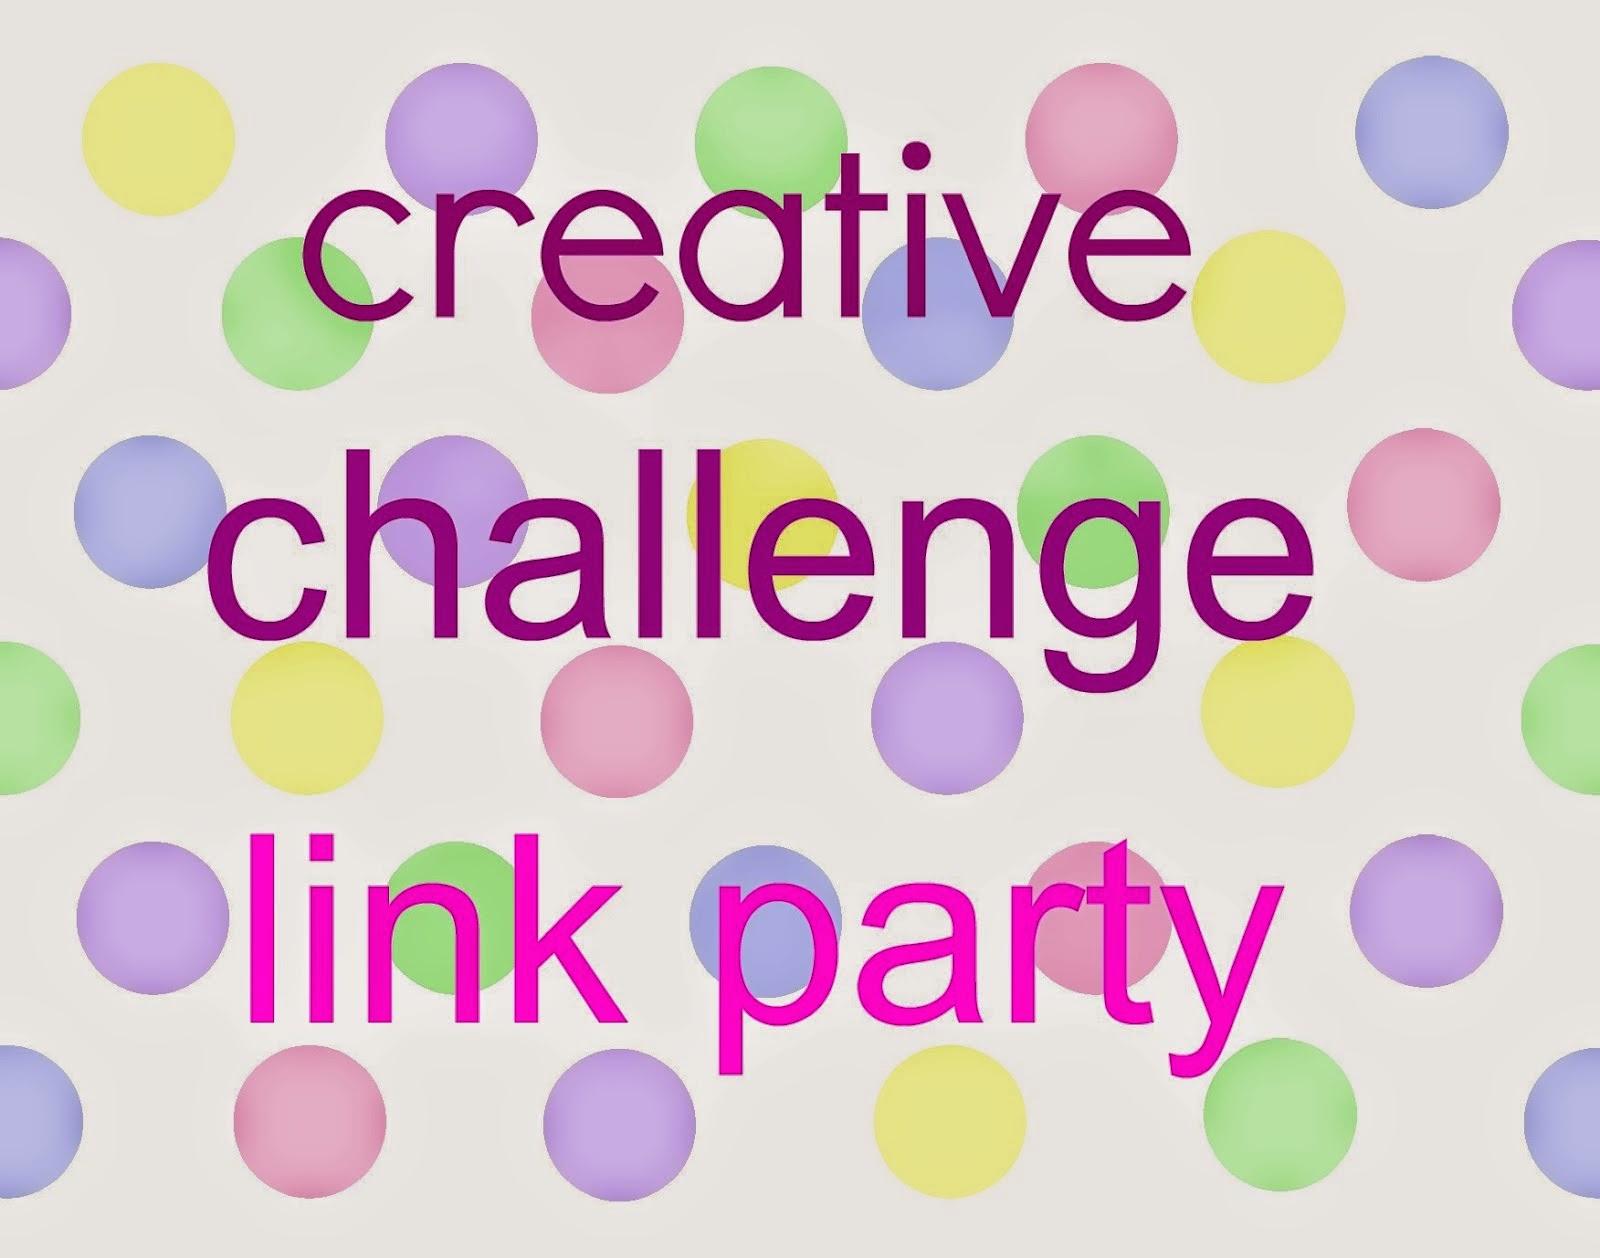 http://3.bp.blogspot.com/-1ADwT_F5XWQ/VN_LFYXAkUI/AAAAAAAAFvI/-T_eR3-cL0Y/s1600/creative%2Bchallenge%2Blink%2Bparty.jpg